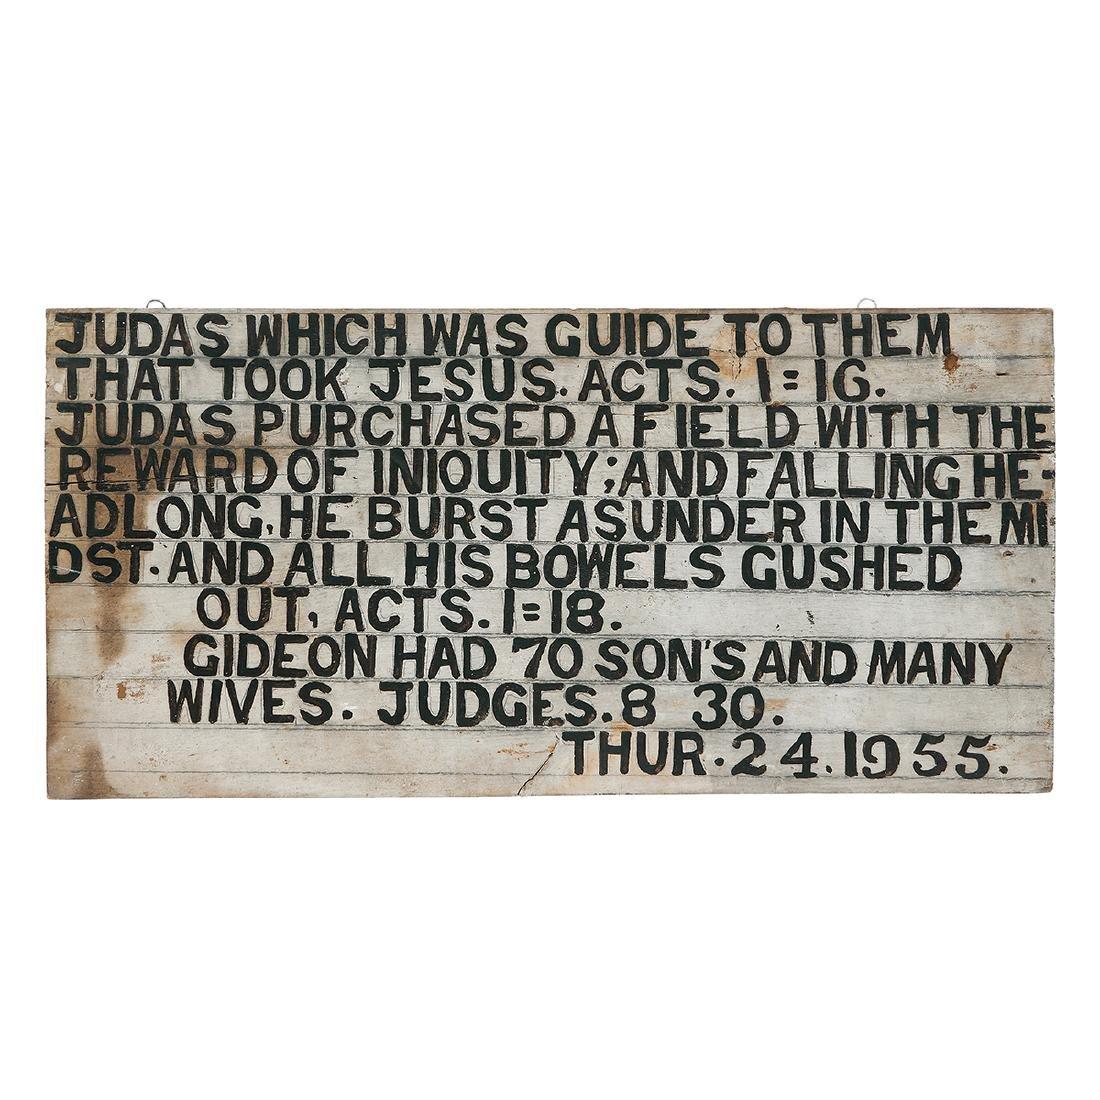 Jesse Howard, Judas